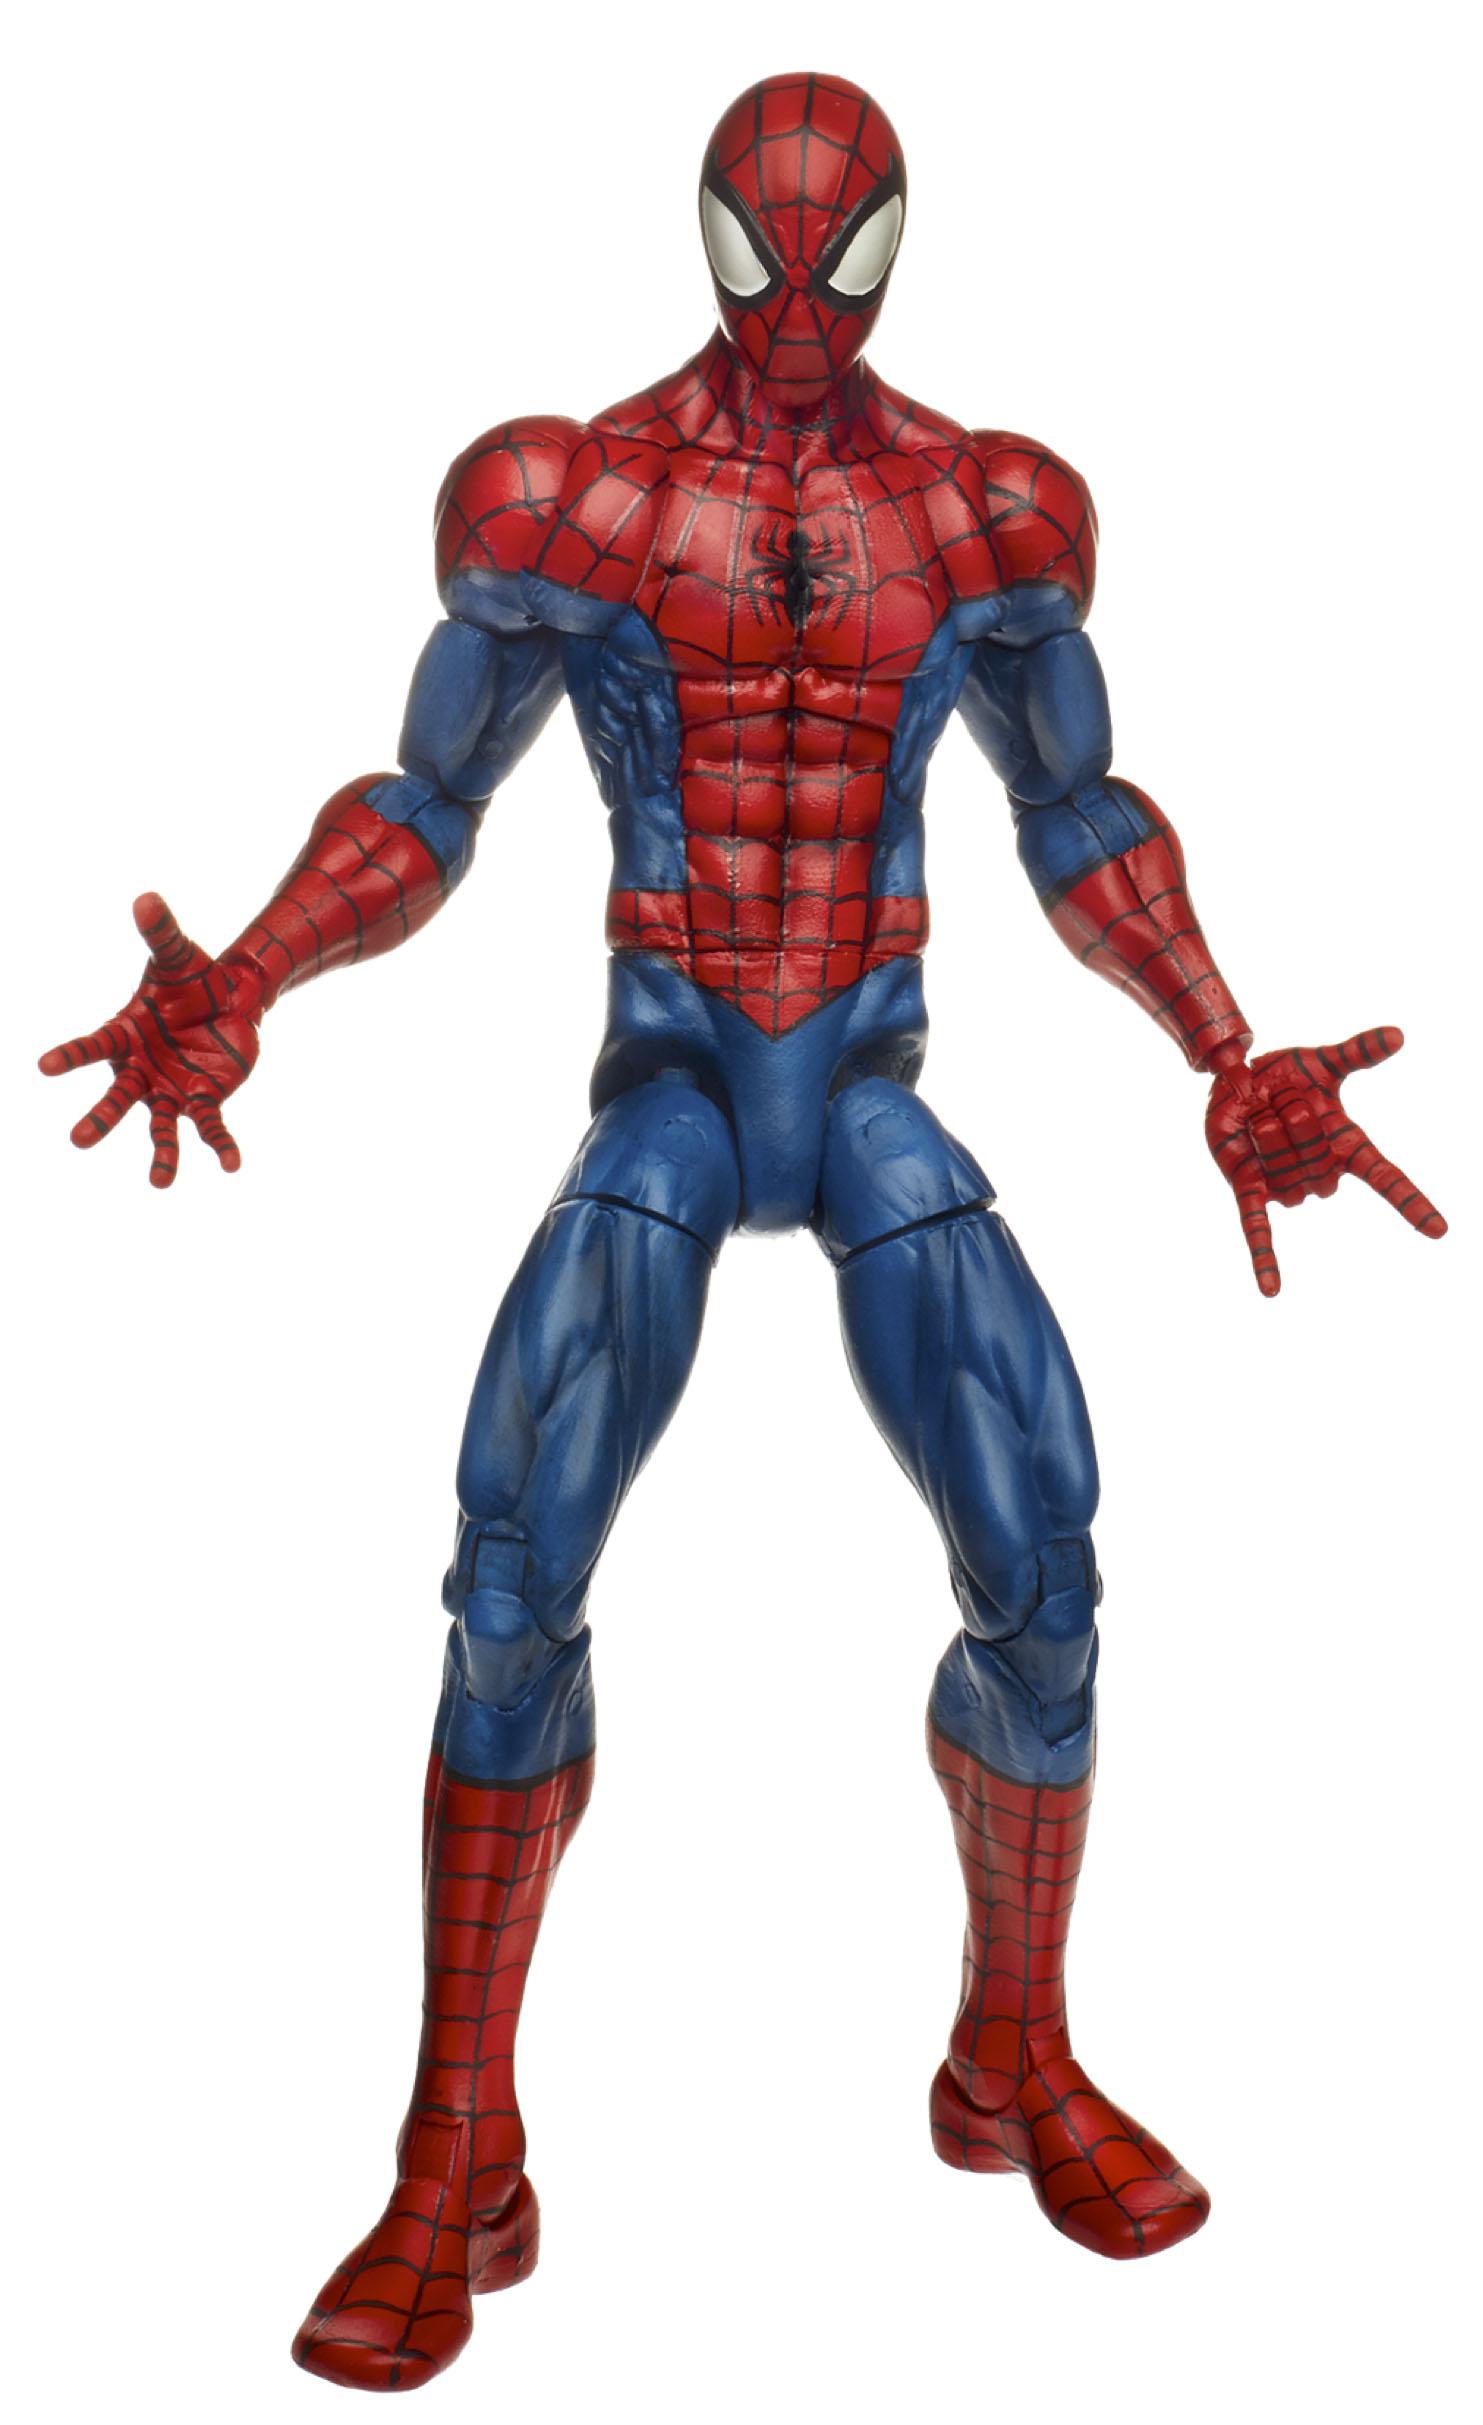 Legends Scarlet Spider      Avengers  Ant-Man Upcoming Spider-Man Wave